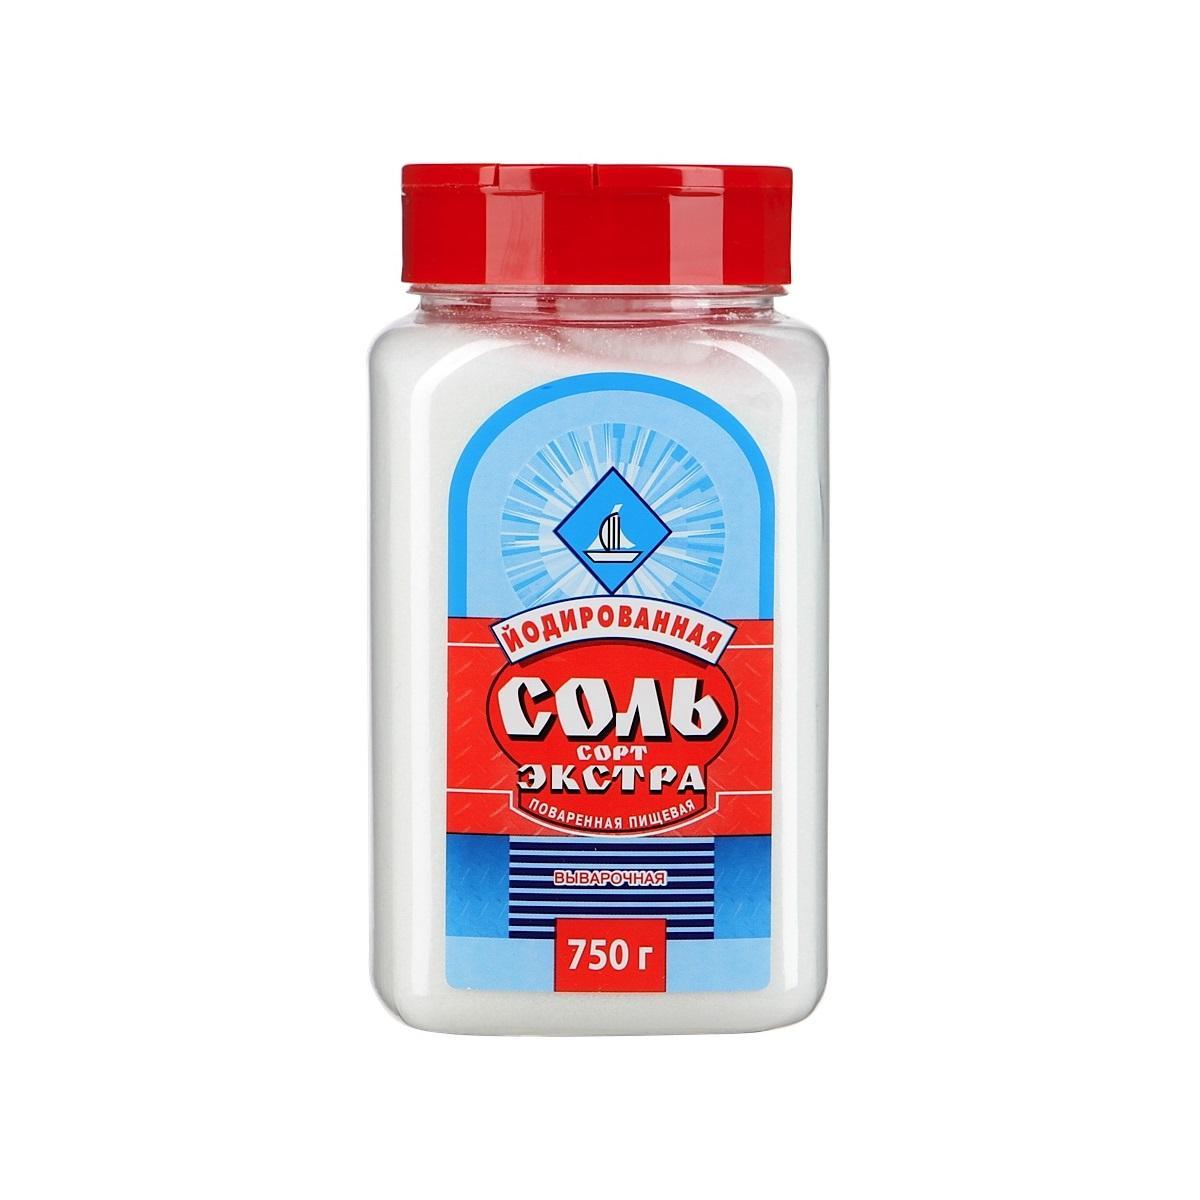 Соль поварская Брянск йодированная, 750 г